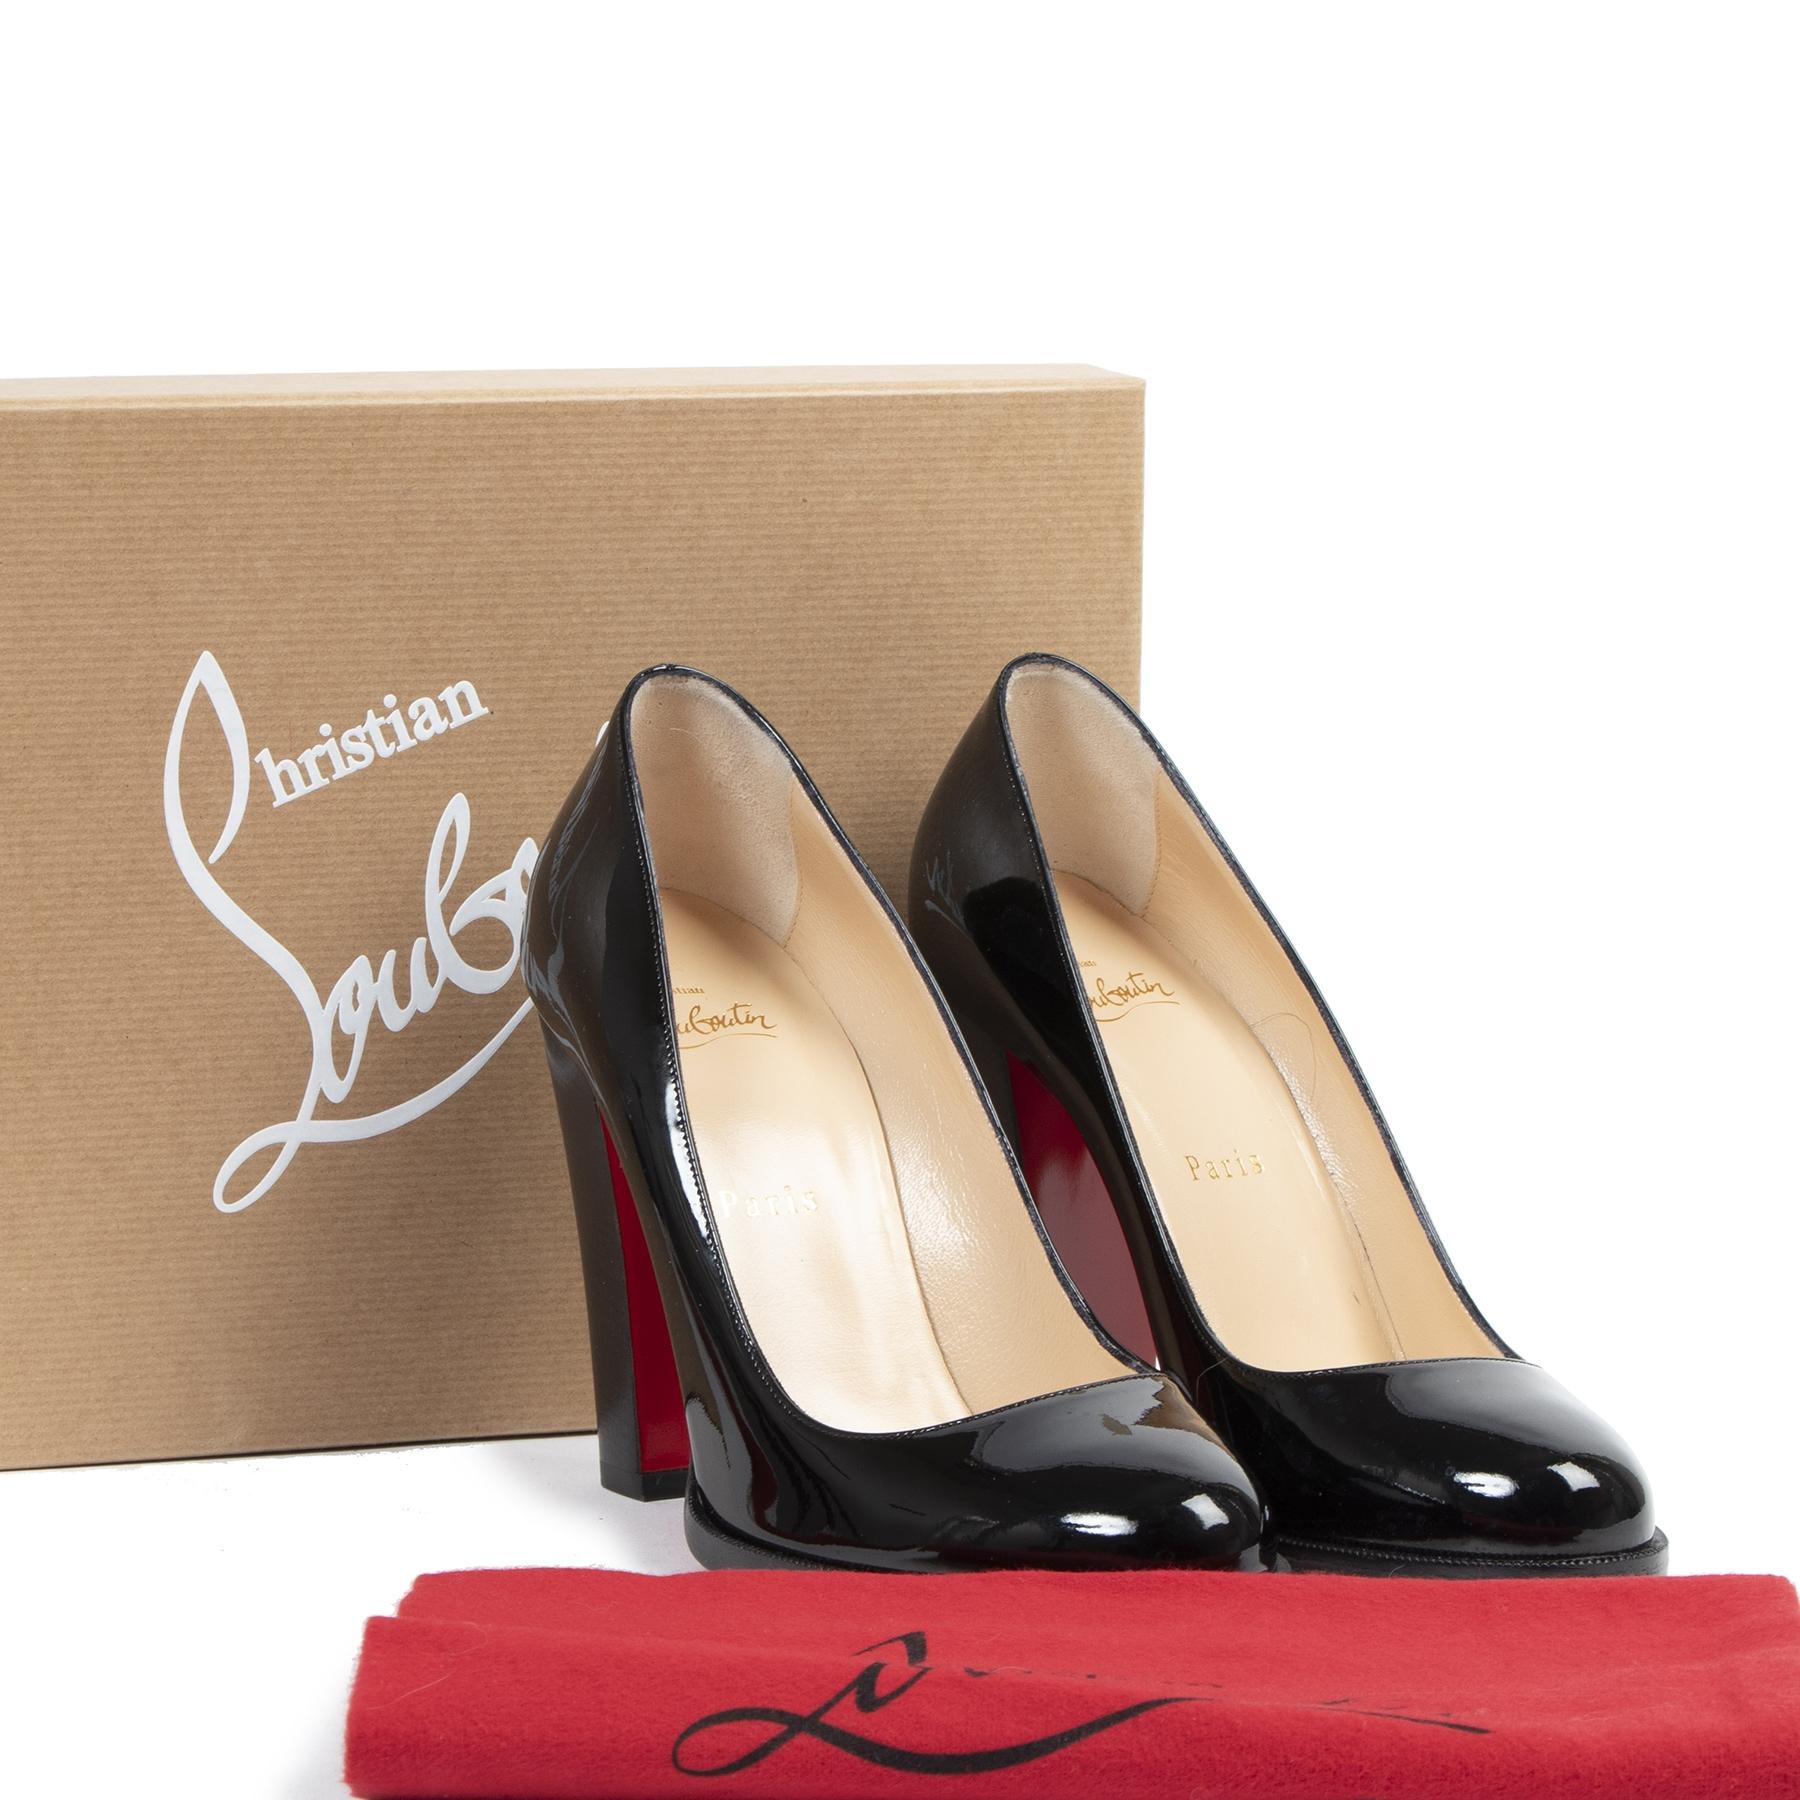 Authentique seconde-main vintage Christian Louboutin London B 100 Patent Leather Heels - Size 38,5 achète en ligne webshop LabelLOV